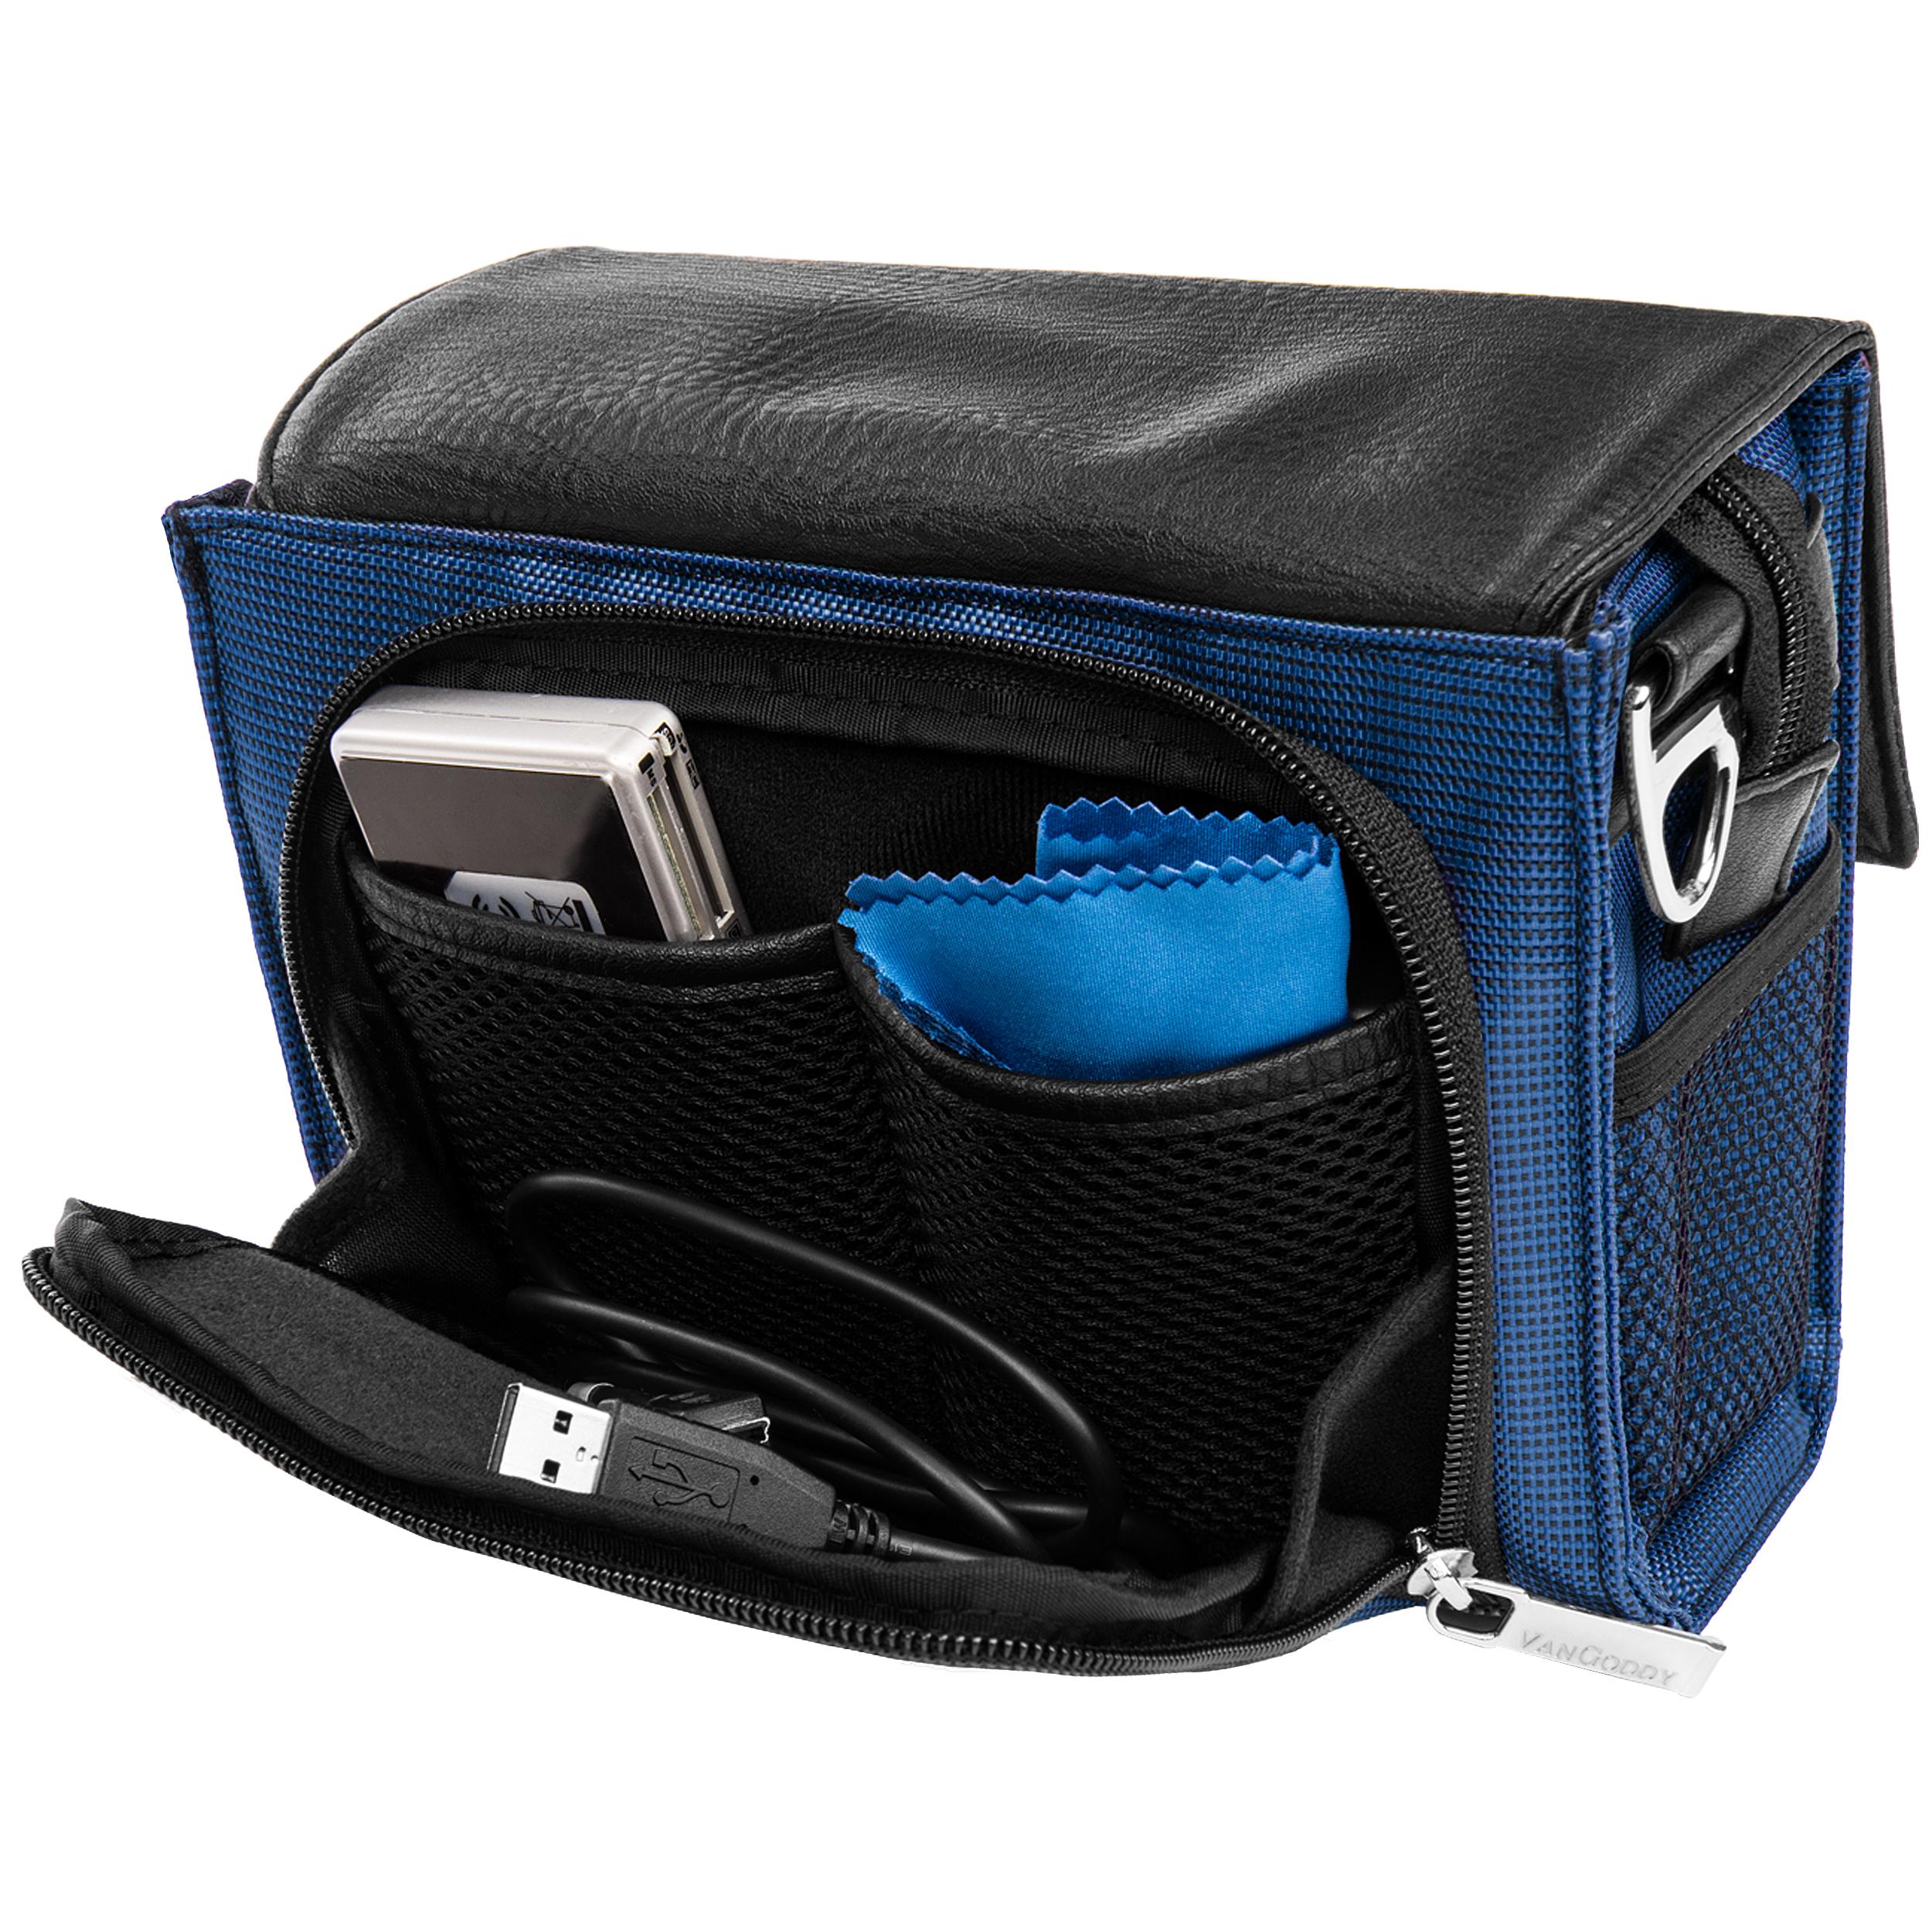 Metric Camera Bag (Blue)